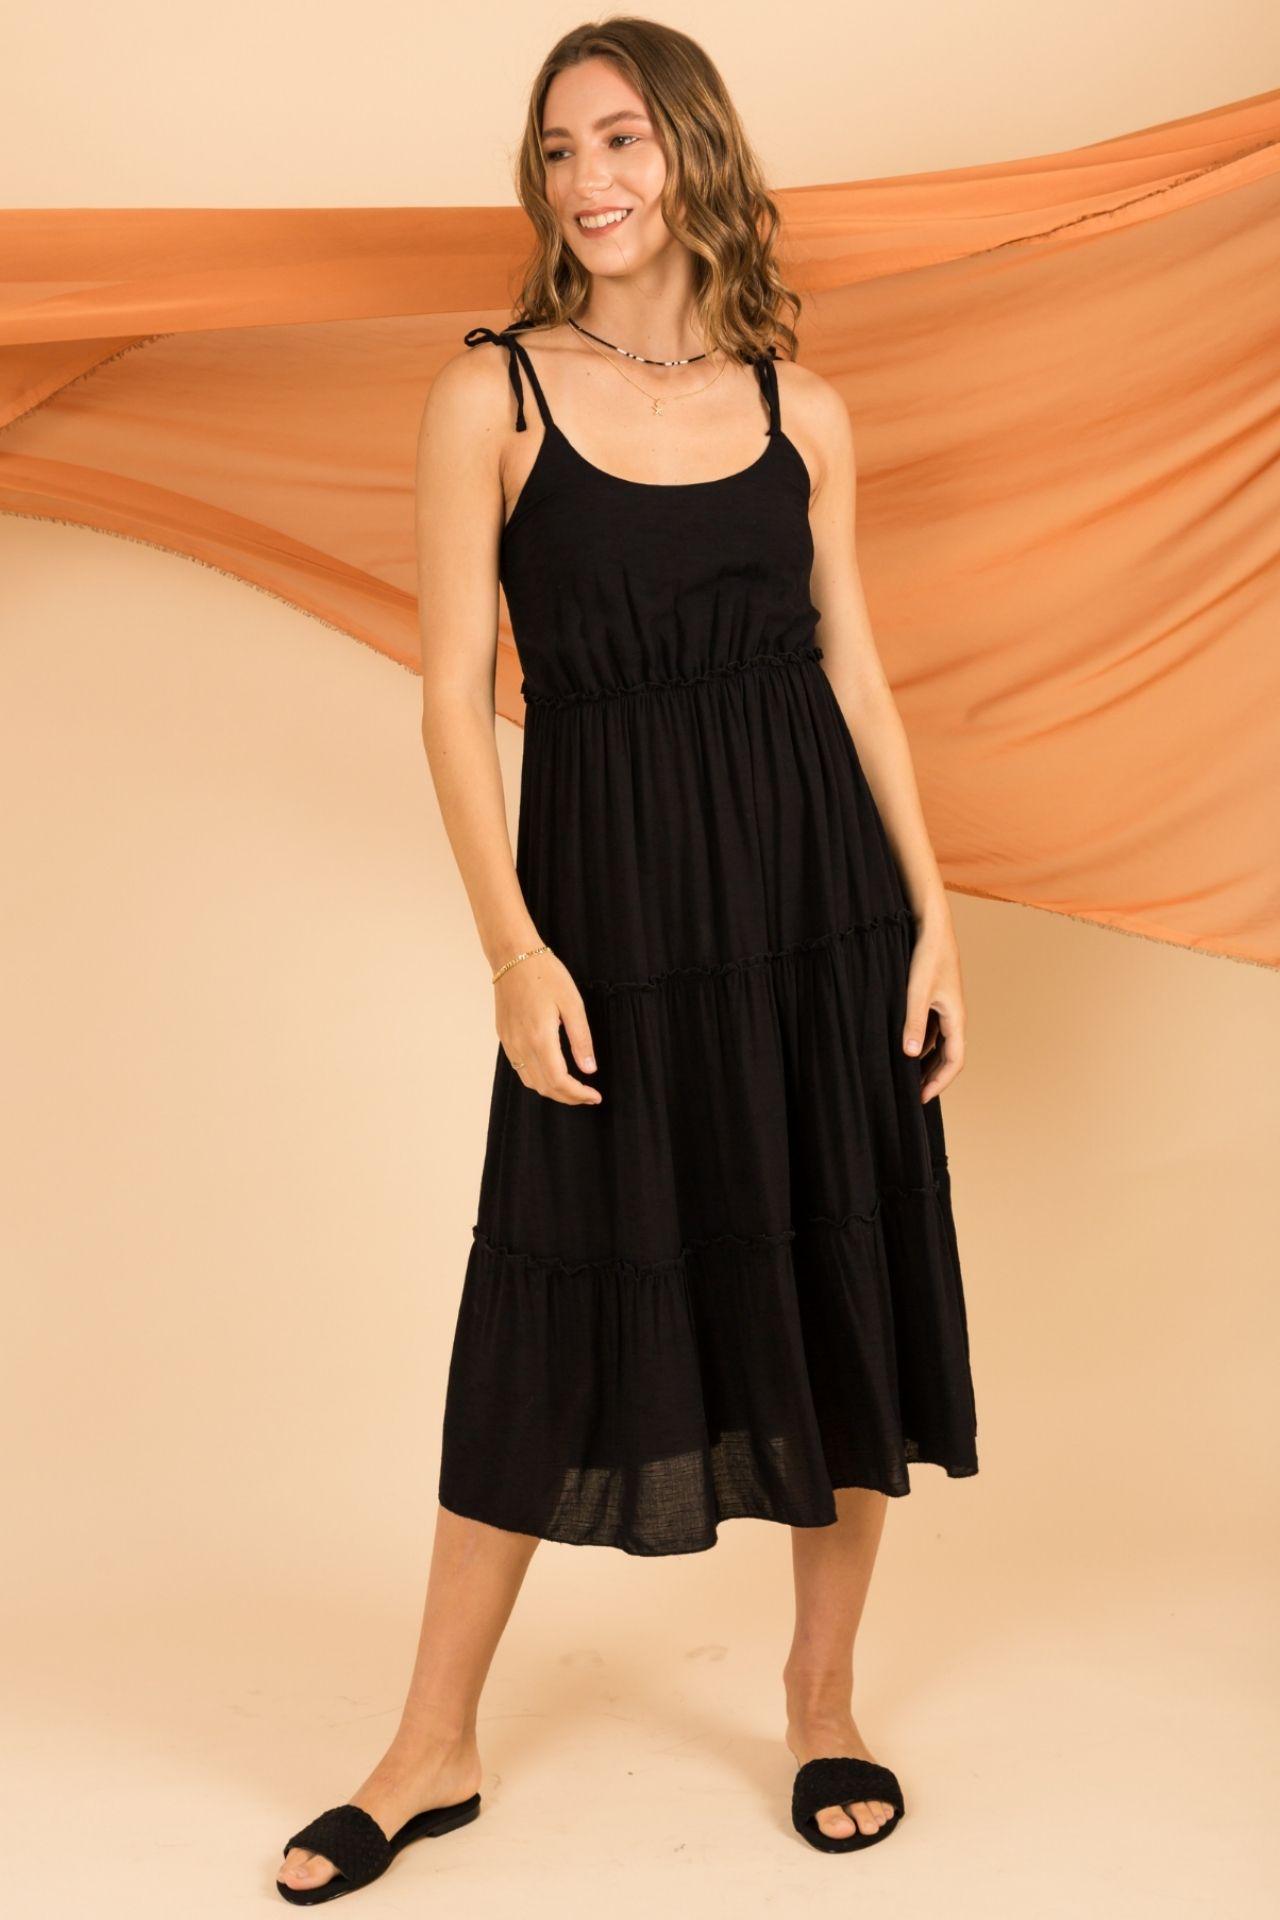 Vestido midi  Multiaguja en la espalda  Material: barena  Contorno de busto: hasta 97 cm  Largo: 113 cm desde el hombro